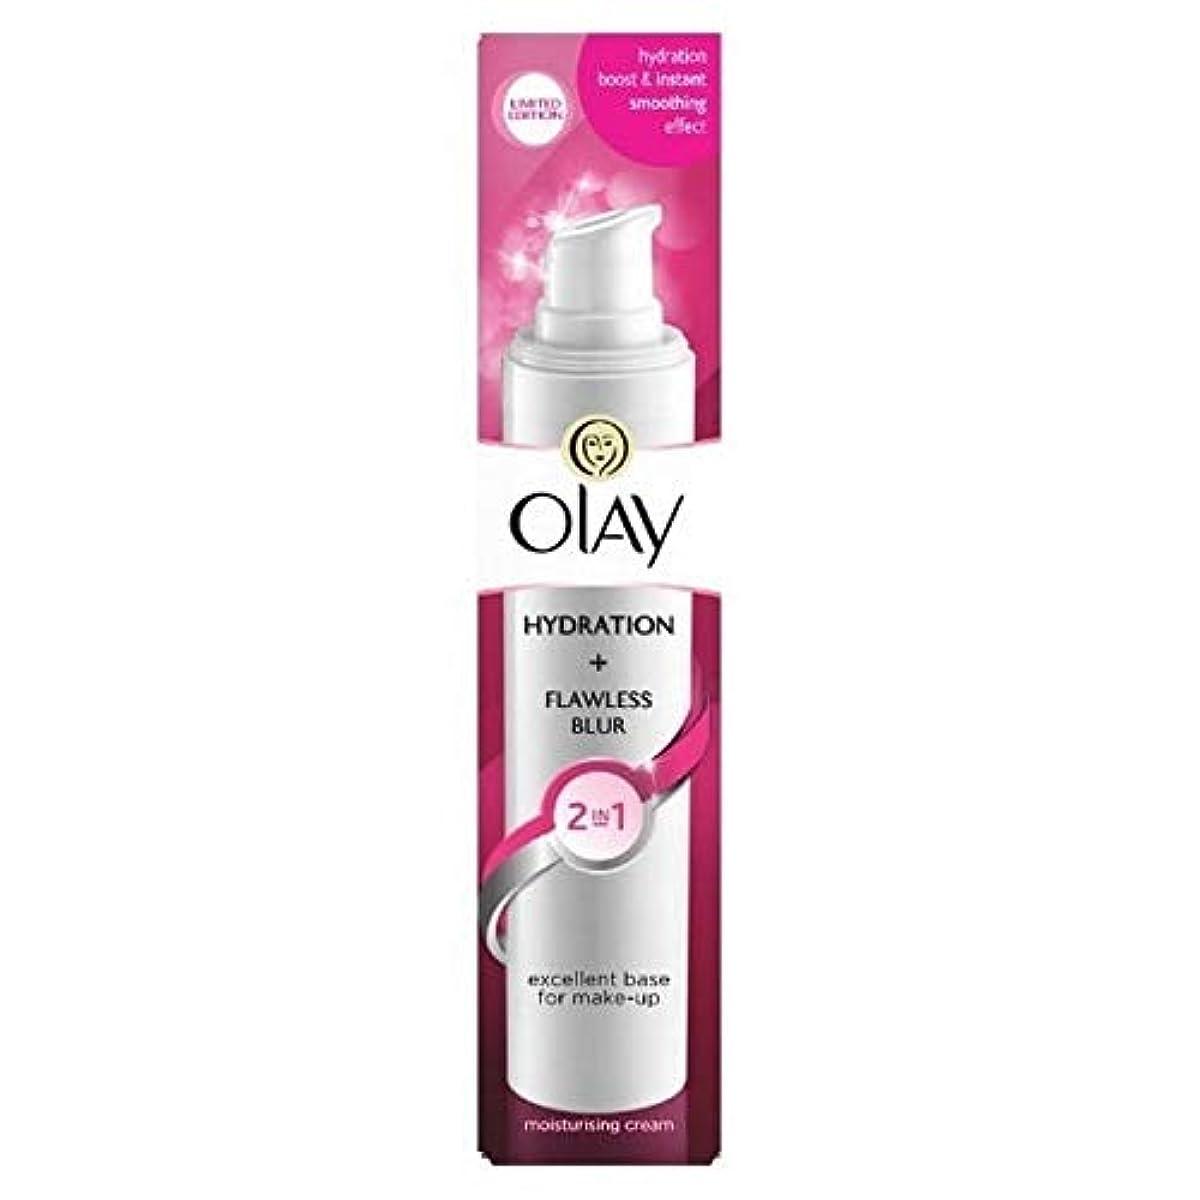 火山のエイリアスサスペンション[Olay ] オーレイの2In1水和+完璧なぼかし保湿クリーム50ミリリットル - Olay 2in1 Hydration + Flawless Blur Moisturiser Cream 50ml [並行輸入品]